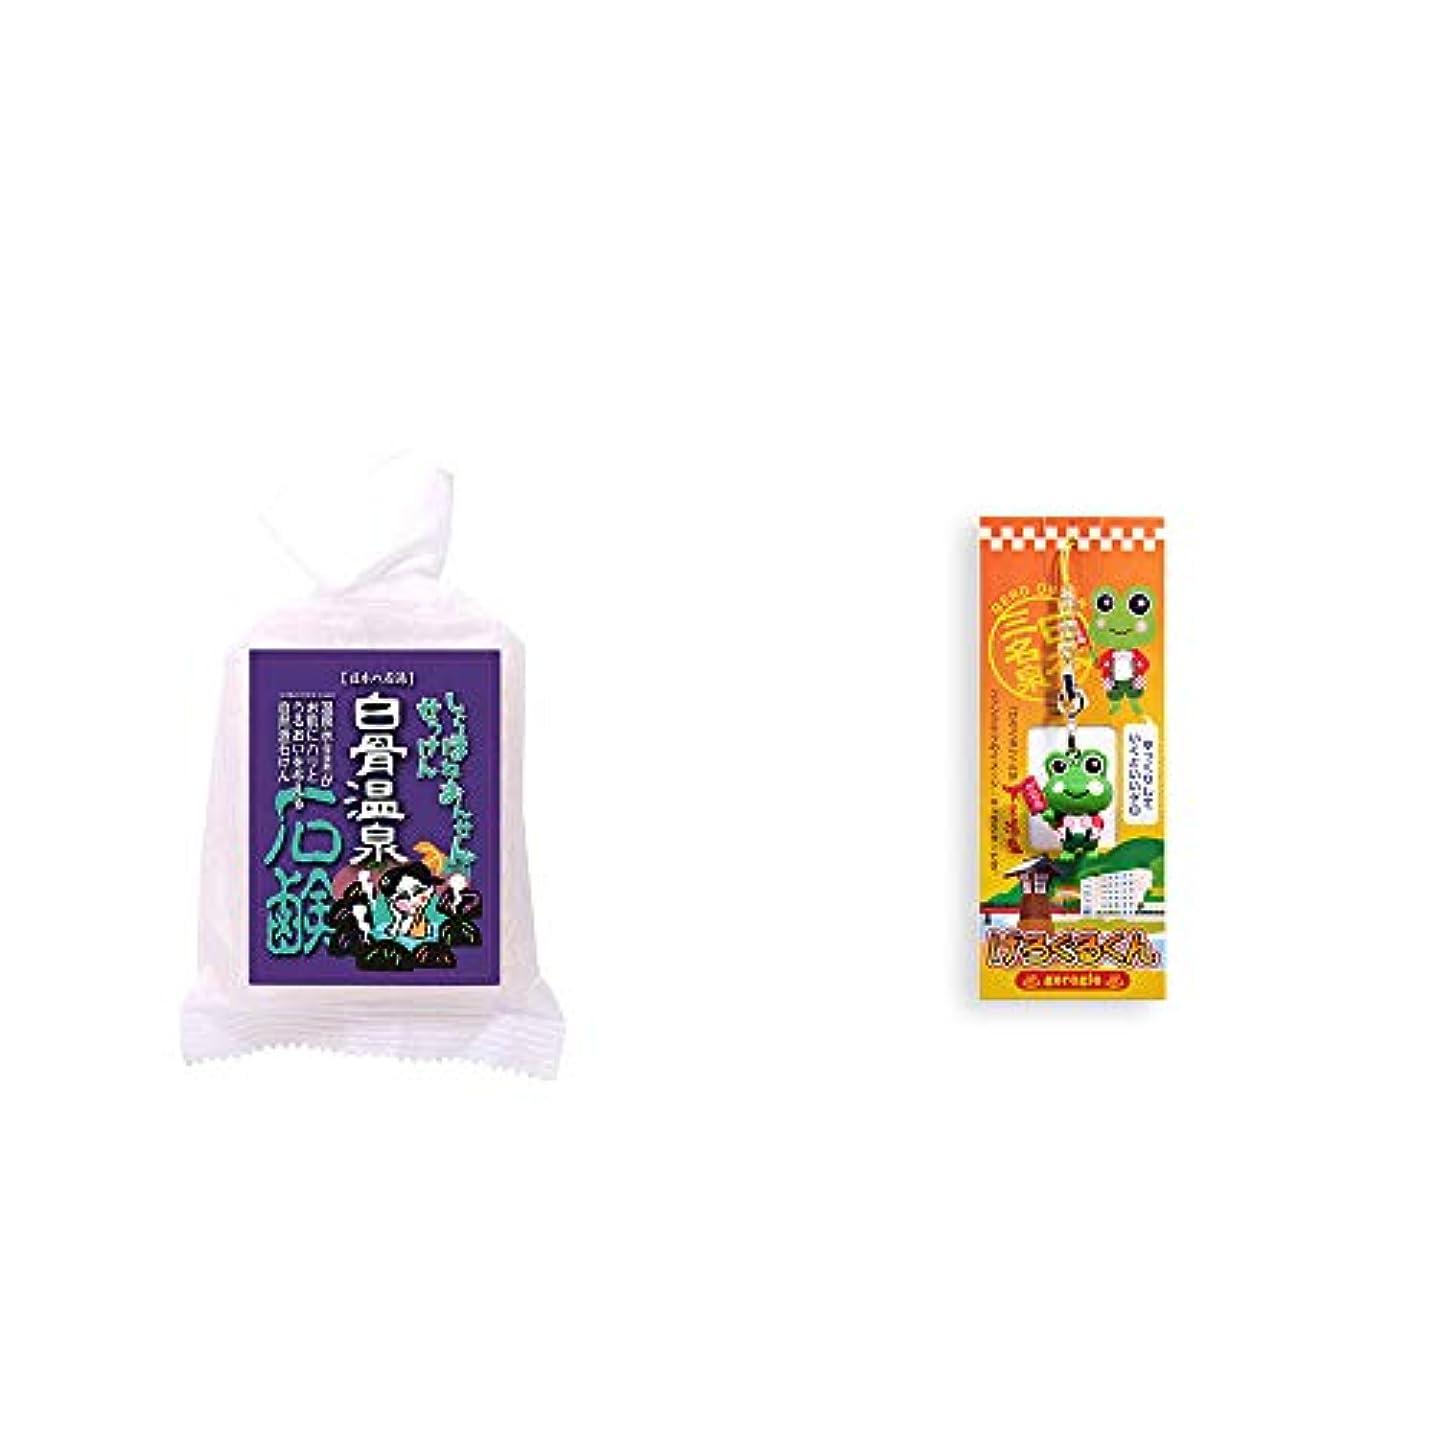 サーバ連鎖トロリー[2点セット] 信州 白骨温泉石鹸(80g)?下呂温泉ファンクラブのイメージキャラクター げろぐるくんストラップ